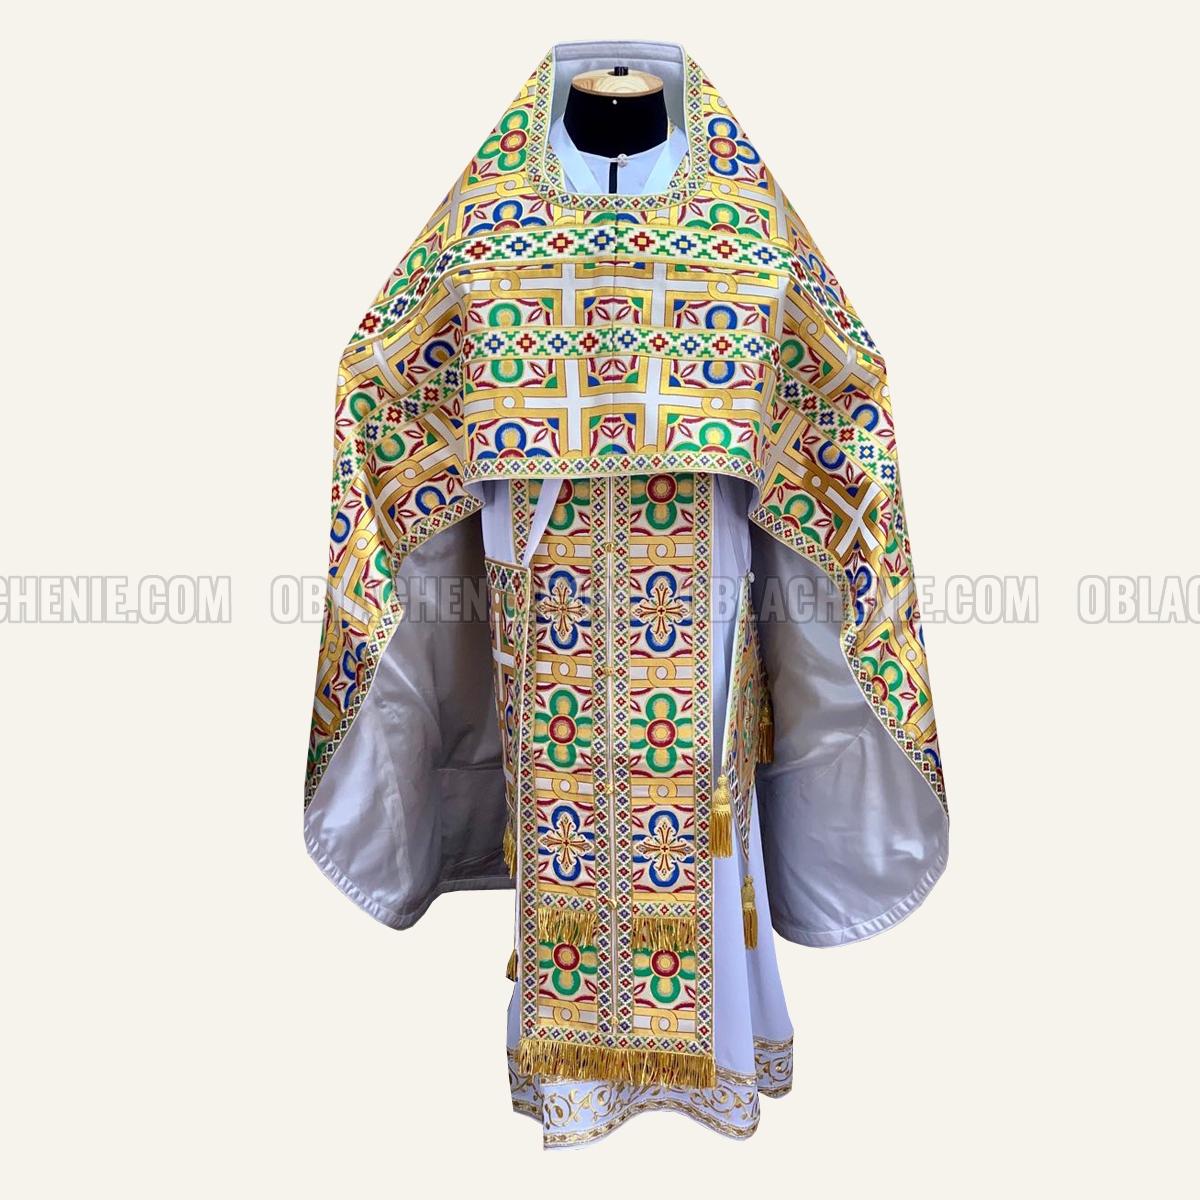 Priest's vestments 10089